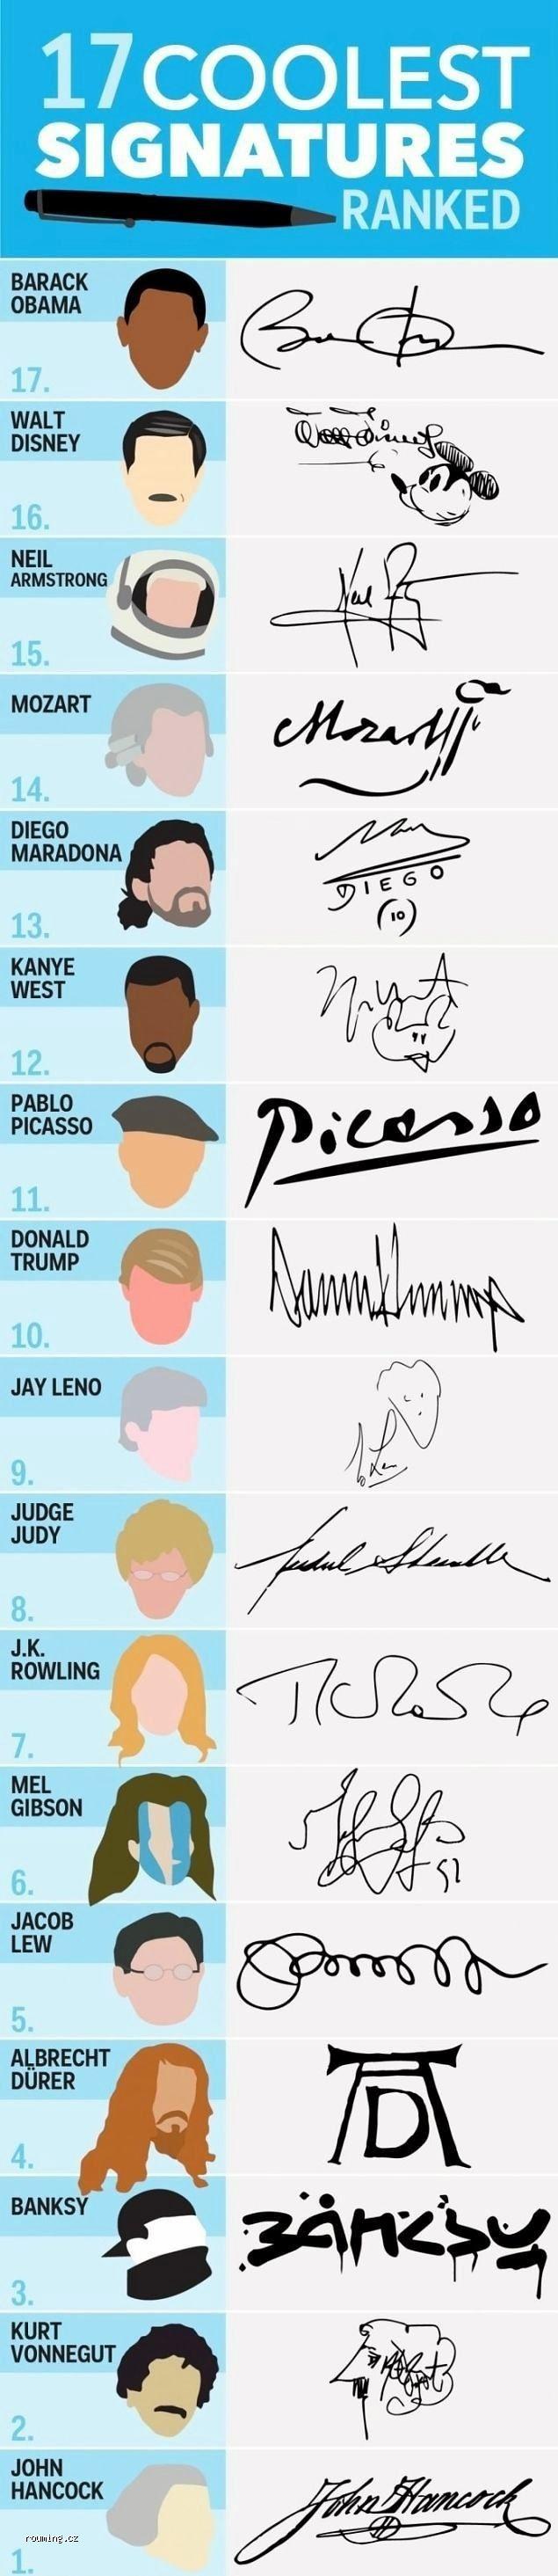 coolest_signatures_